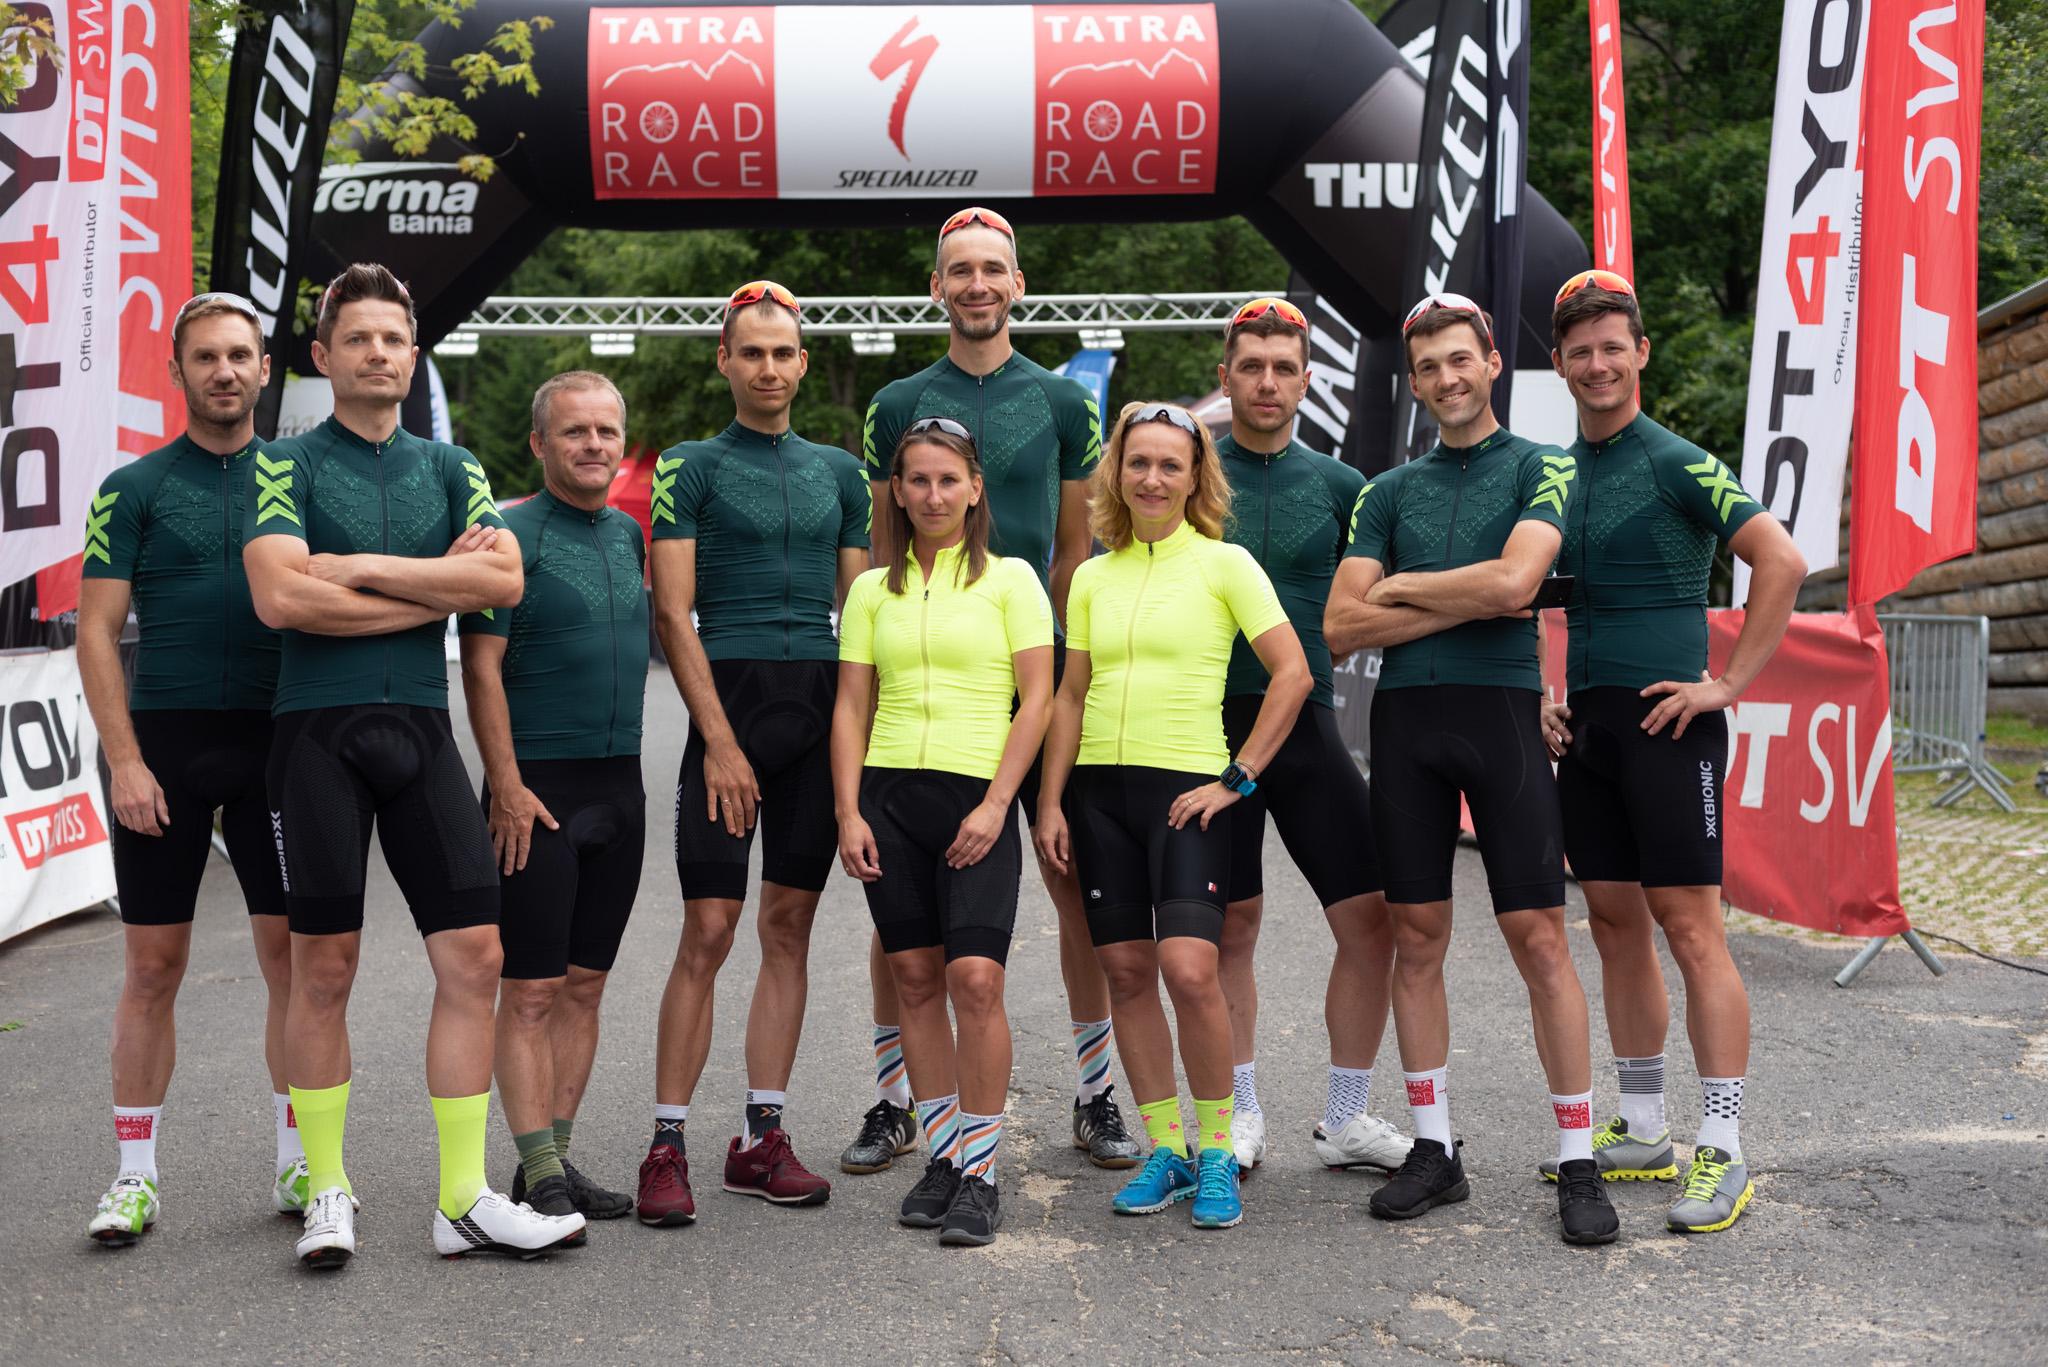 Tatra Road Race 2019 – czyli jak przetrwać ból, burze, ścianę deszczu, zimno, a zostać pokonanym przez gumę…